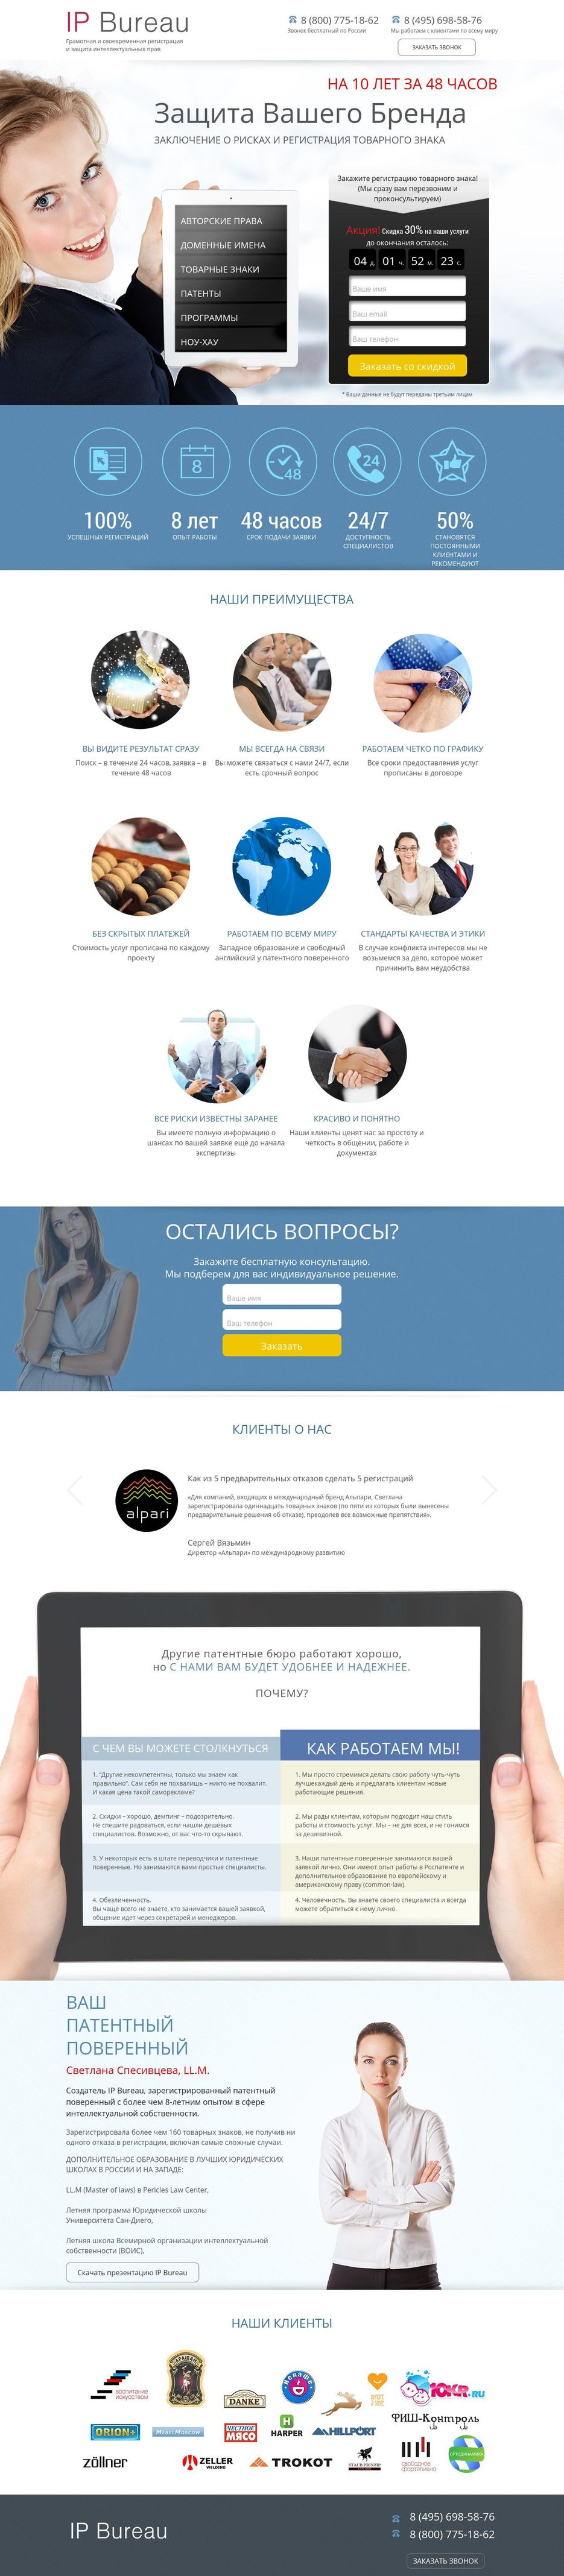 Как сделать сайт самостоятельно на вордпресс